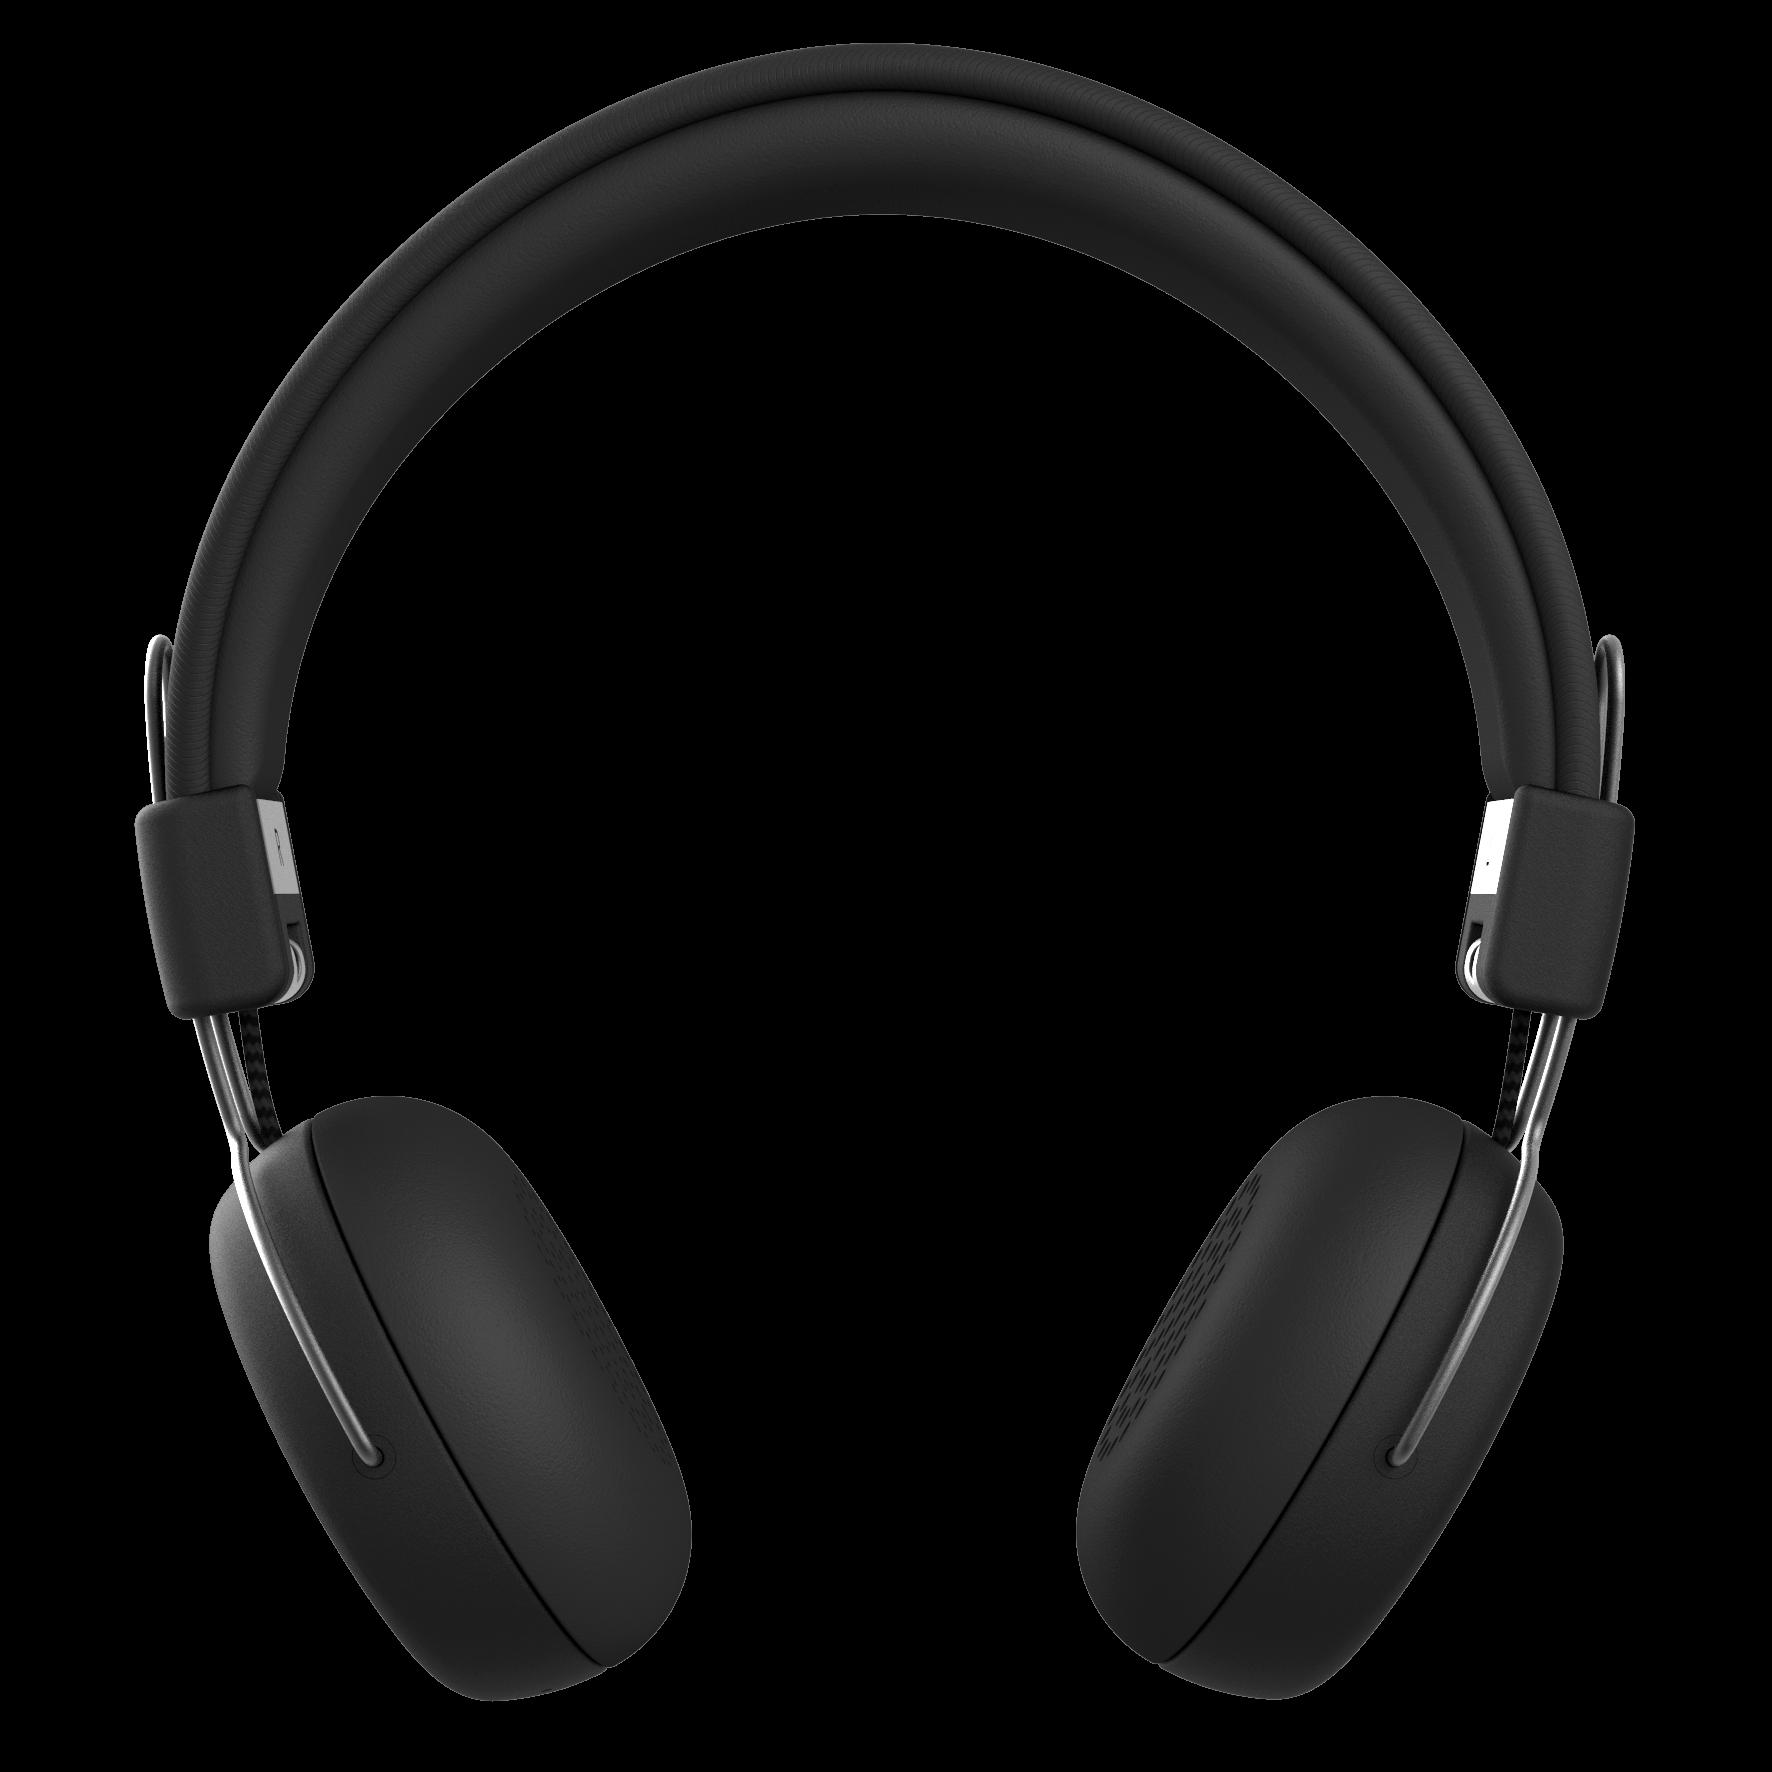 Billede af KreaFunk - aWEAR Høretelefoner - Sort Edition/Pale Guld